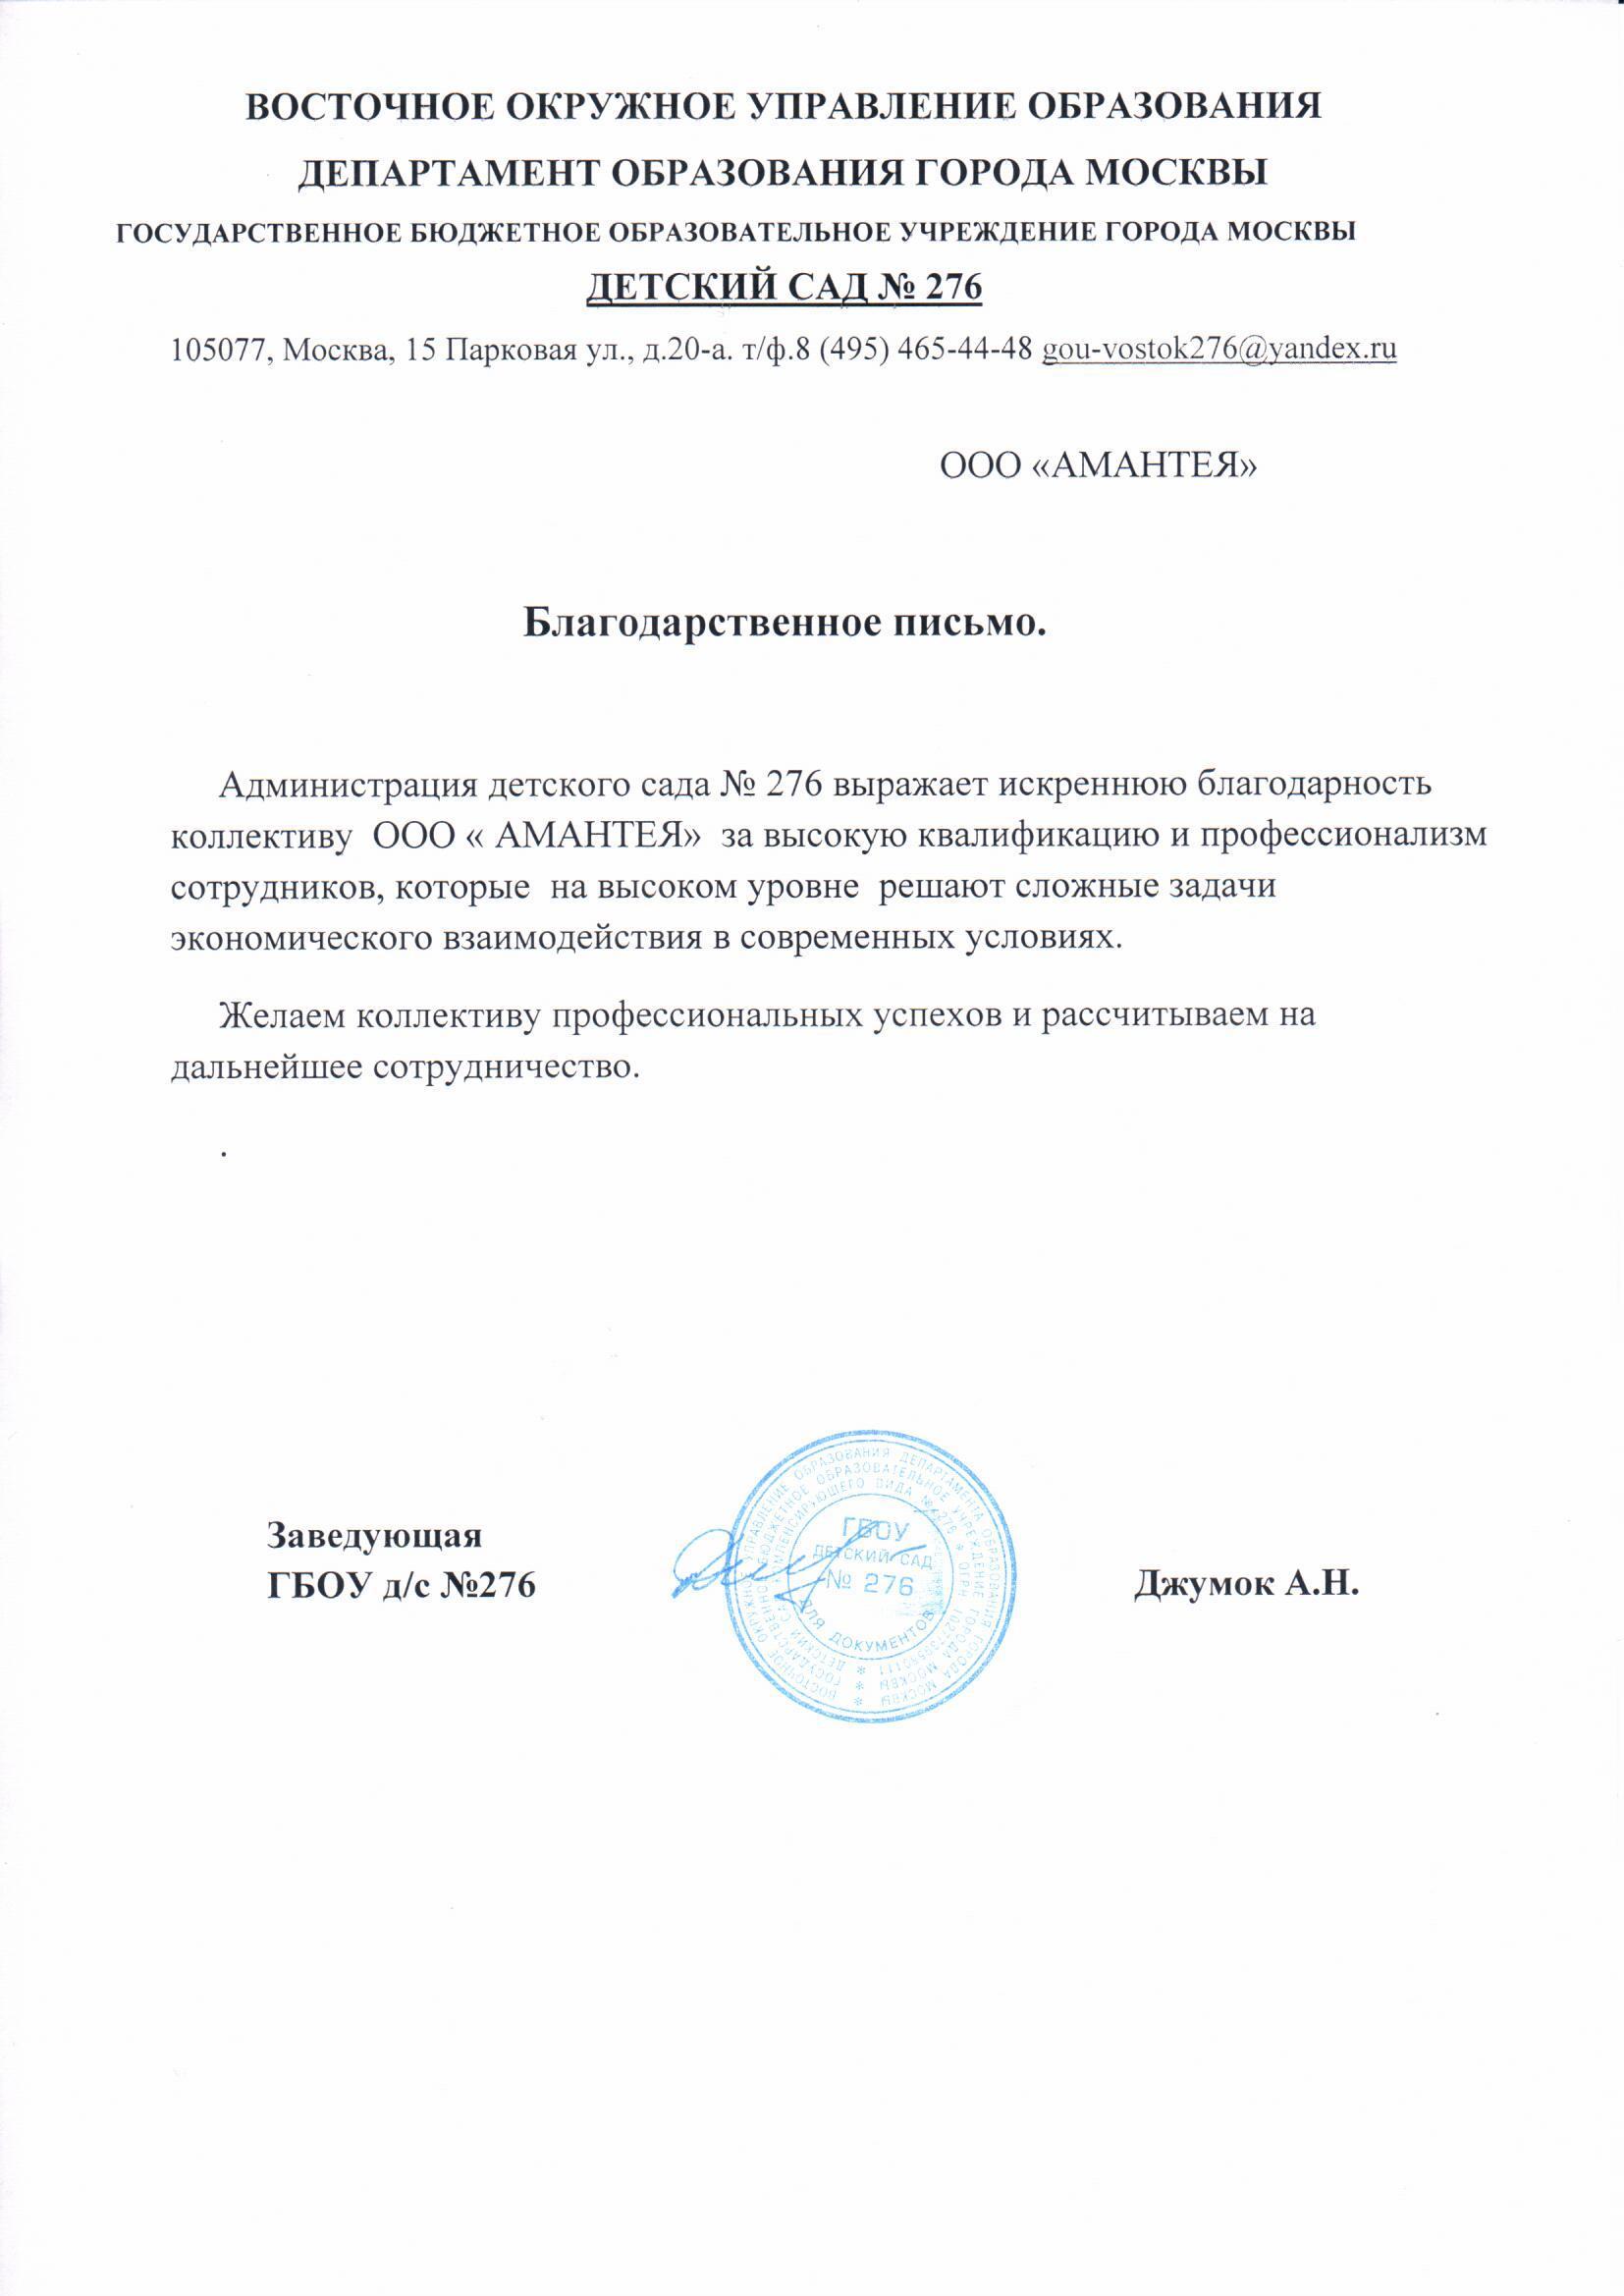 ГБОУ ДС №276